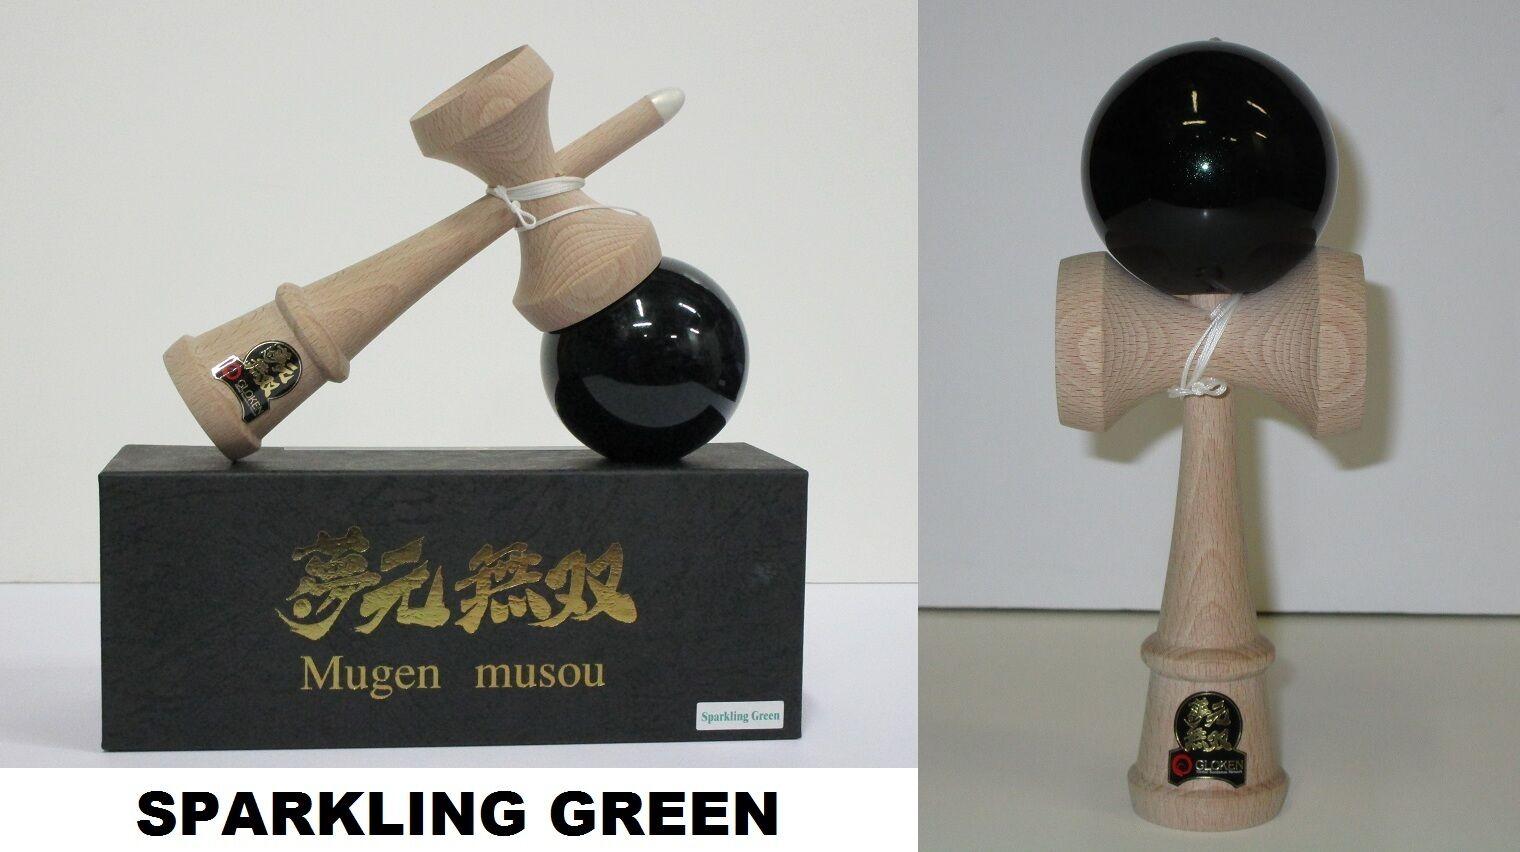 Mugen musou kendama  neu  aus japan usa absender